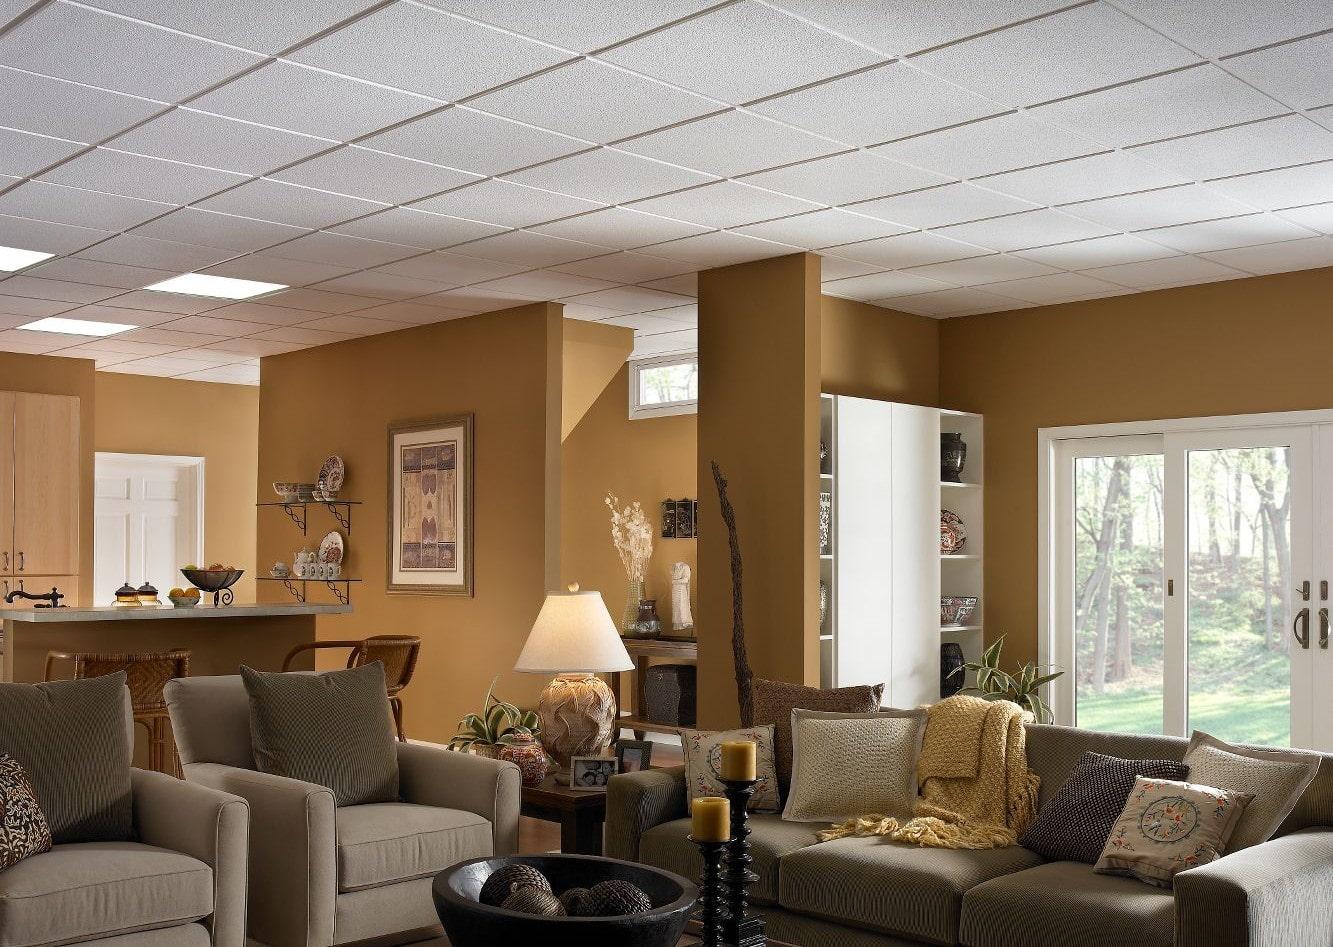 Натяжные потолки фото с глазками кухня для удаления